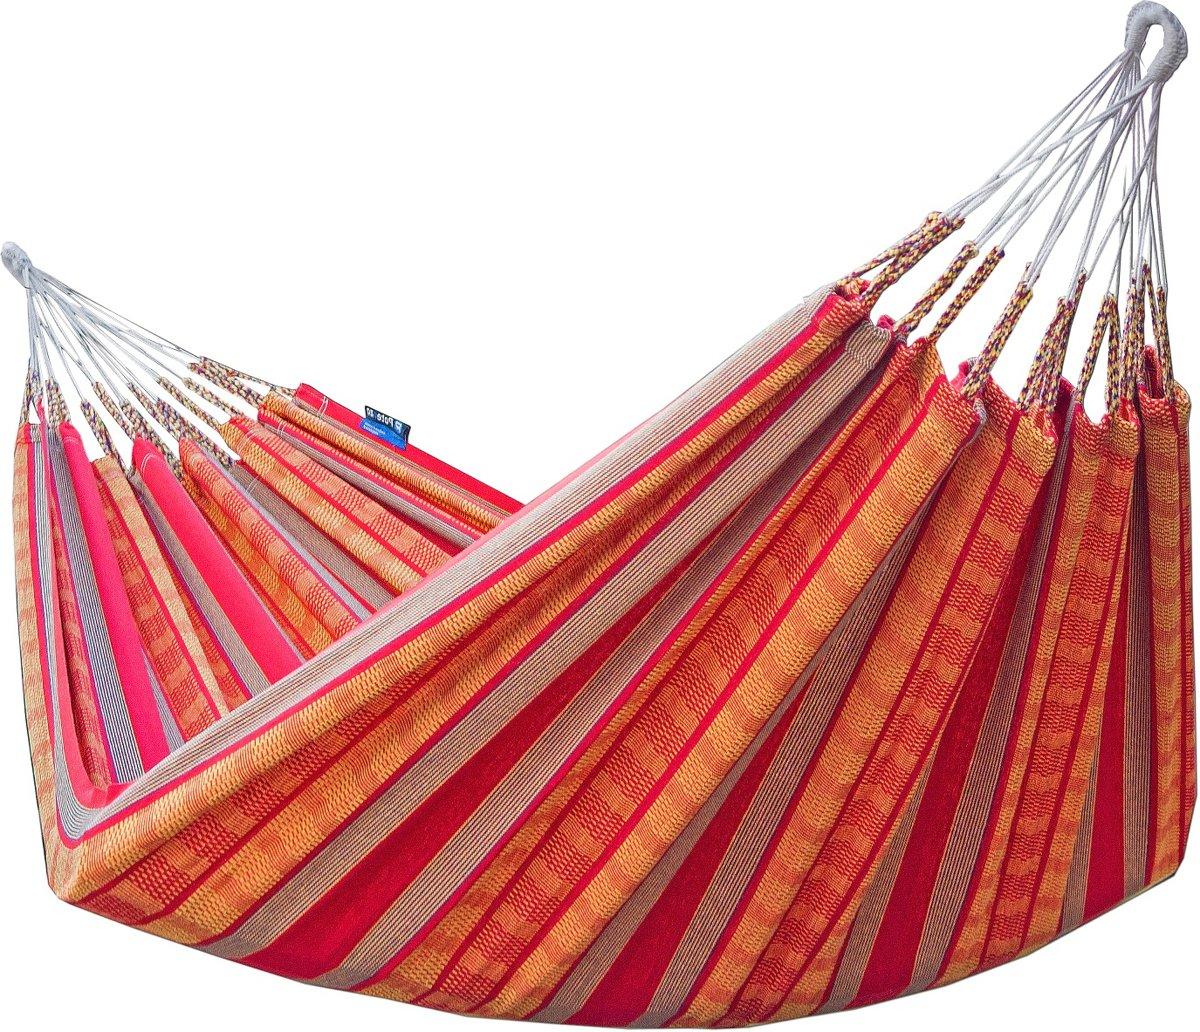 Potenza Pereida Colombiana -Ruime familiehangmat / Hangmat Family ( draagkracht:220 kg)